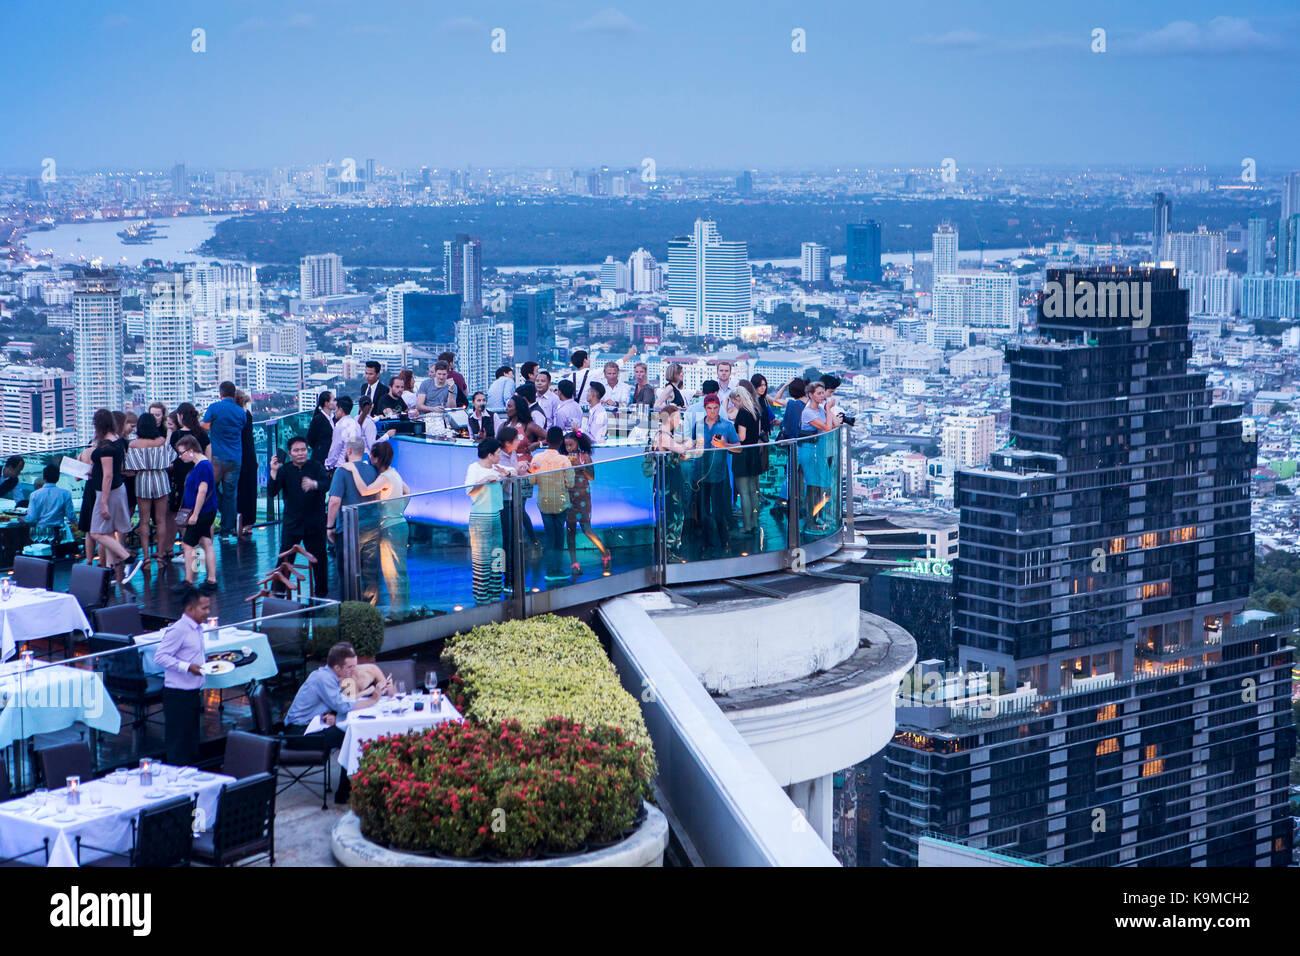 Sky Bar,Sirocco, at Lebua Hotel, Bangkok, Thailand - Stock Image